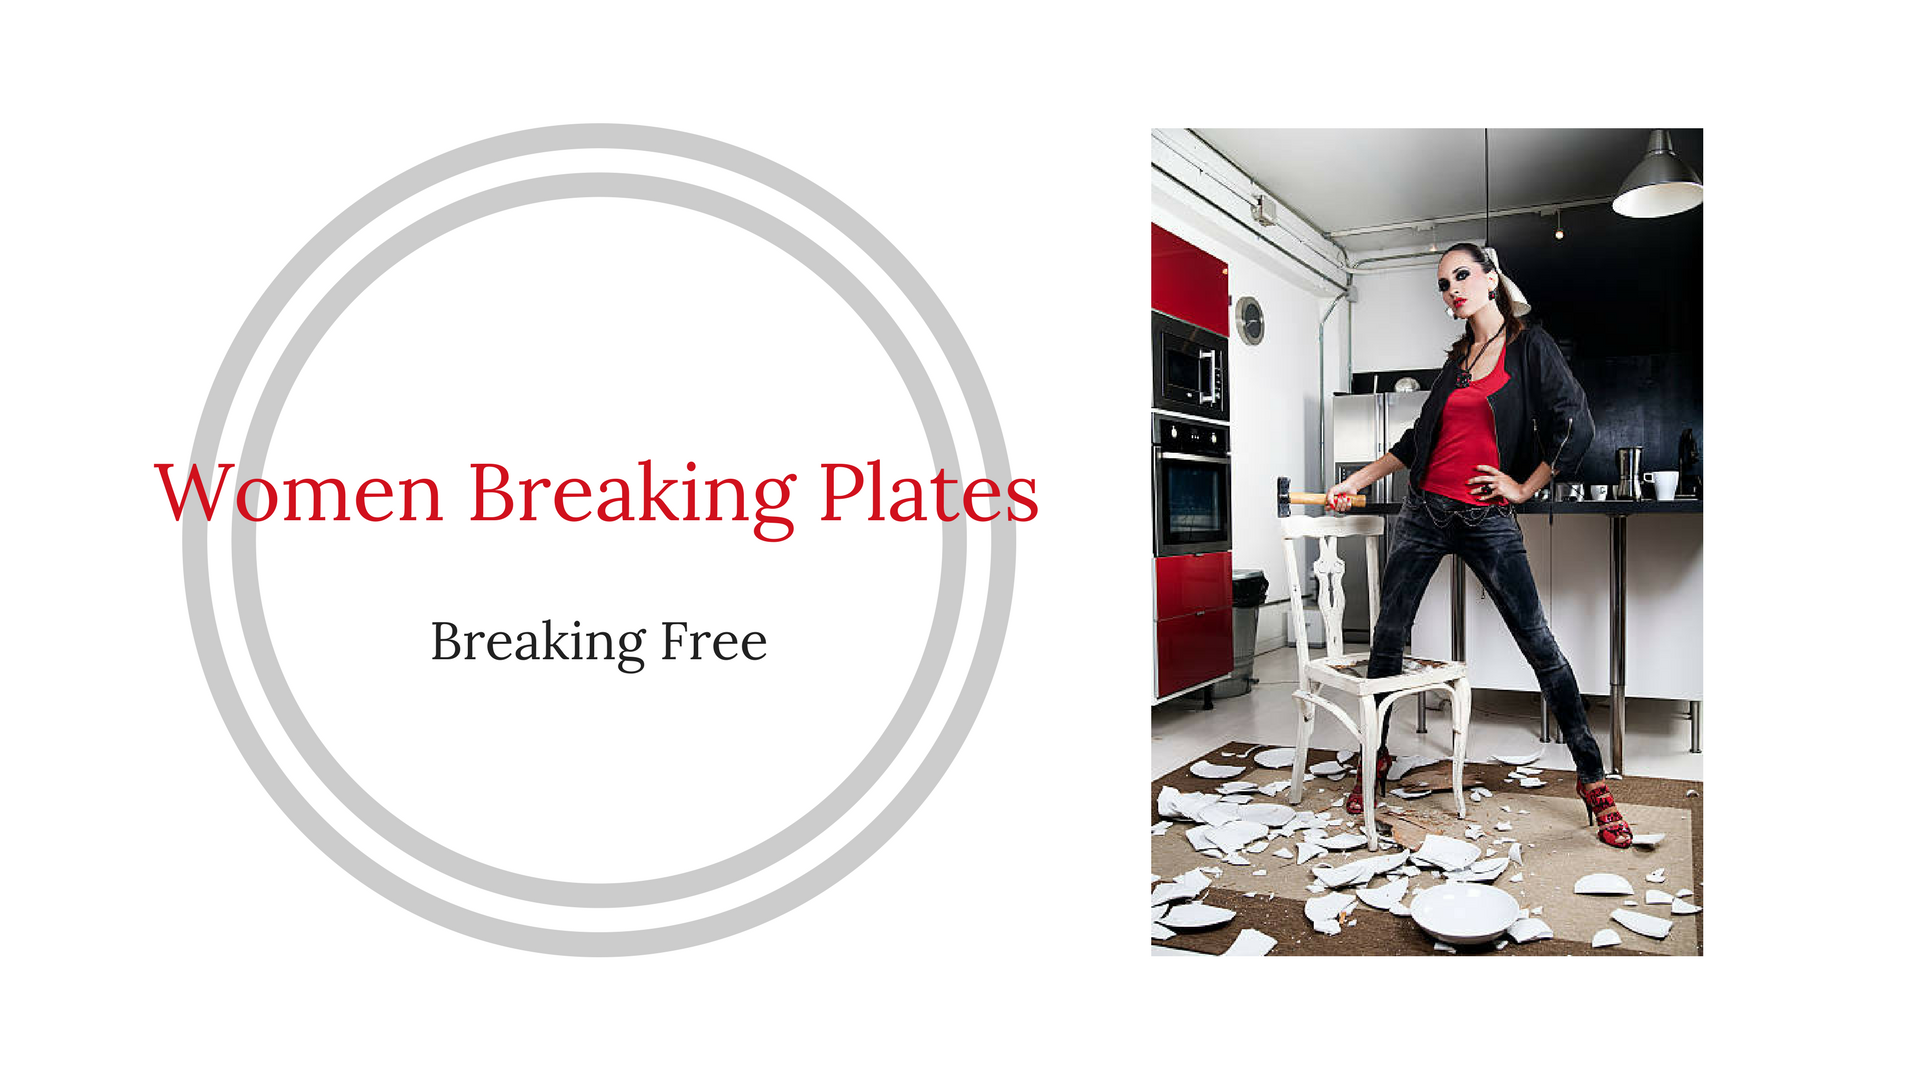 Women Breaking Plates